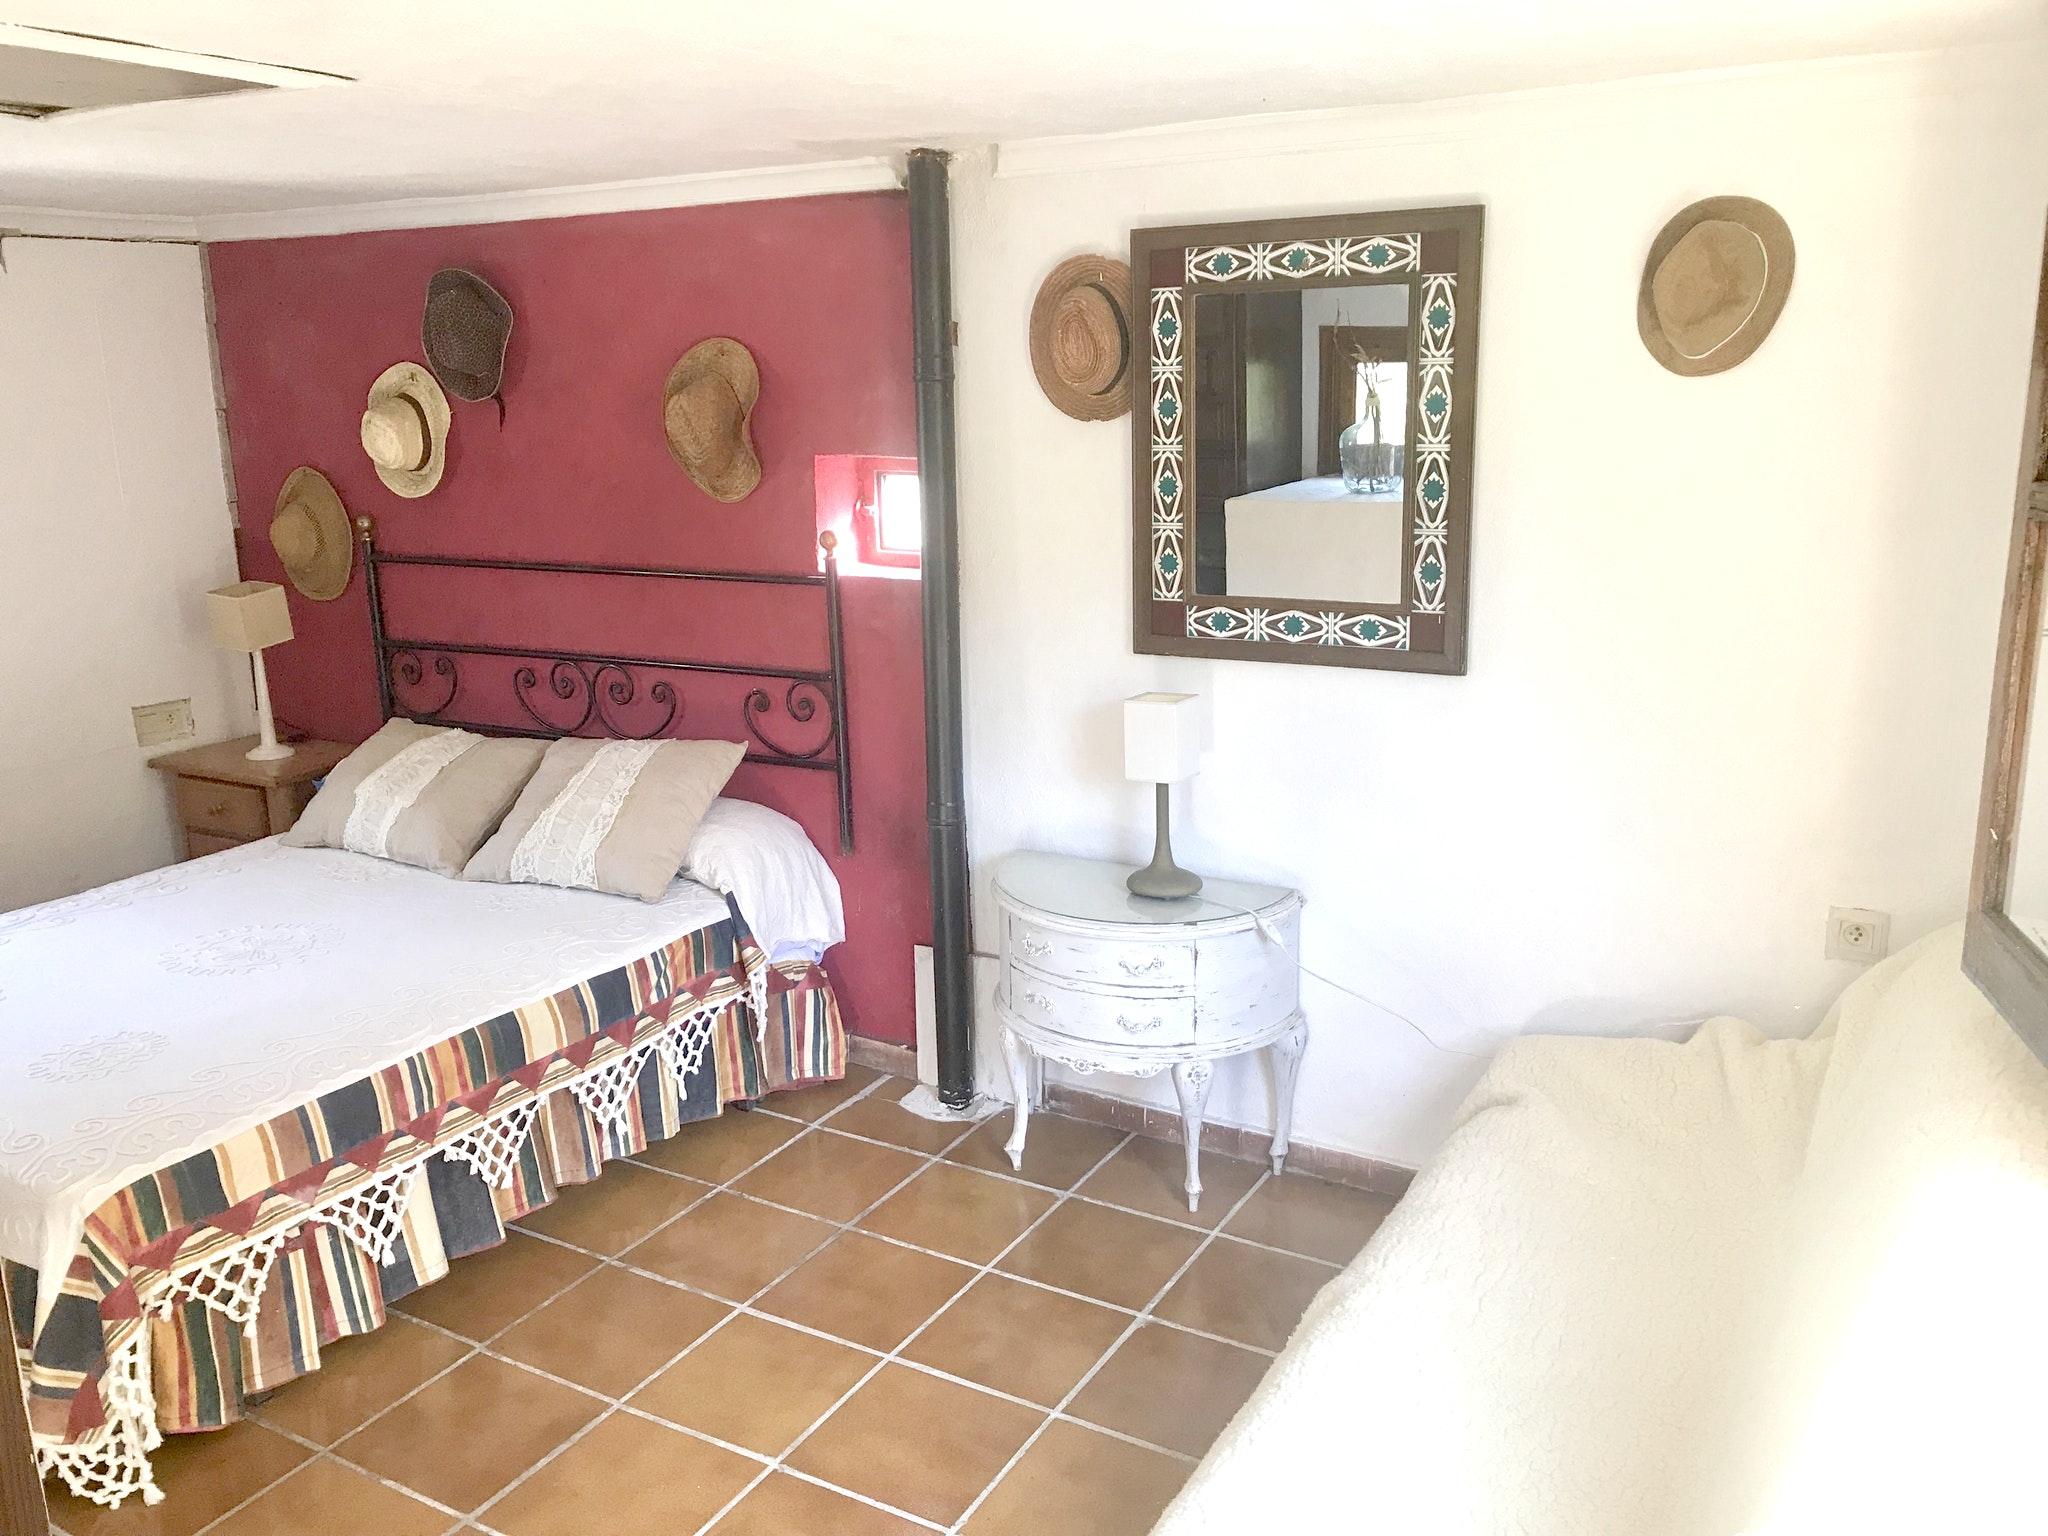 Maison de vacances Hütte mit 4 Schlafzimmern in Camarena de la Sierra mit toller Aussicht auf die Berge, priv (2474258), Camarena de la Sierra, Teruel, Aragon, Espagne, image 21